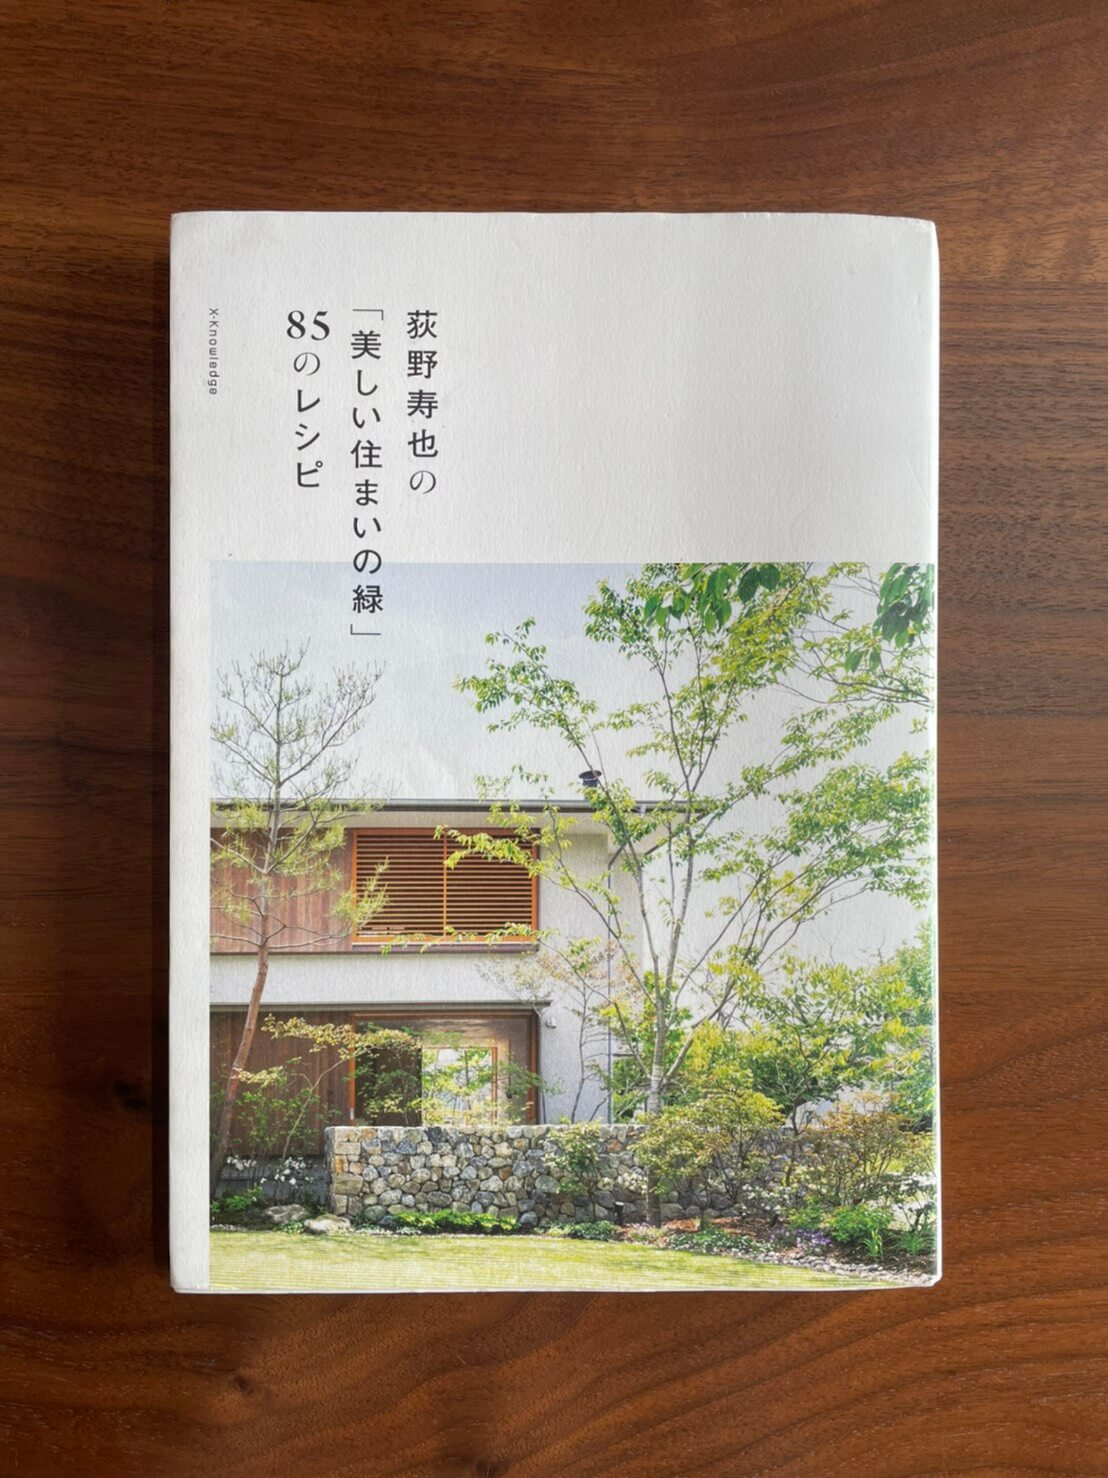 「荻野寿也の「美しい住まいの緑」85のレシピ」